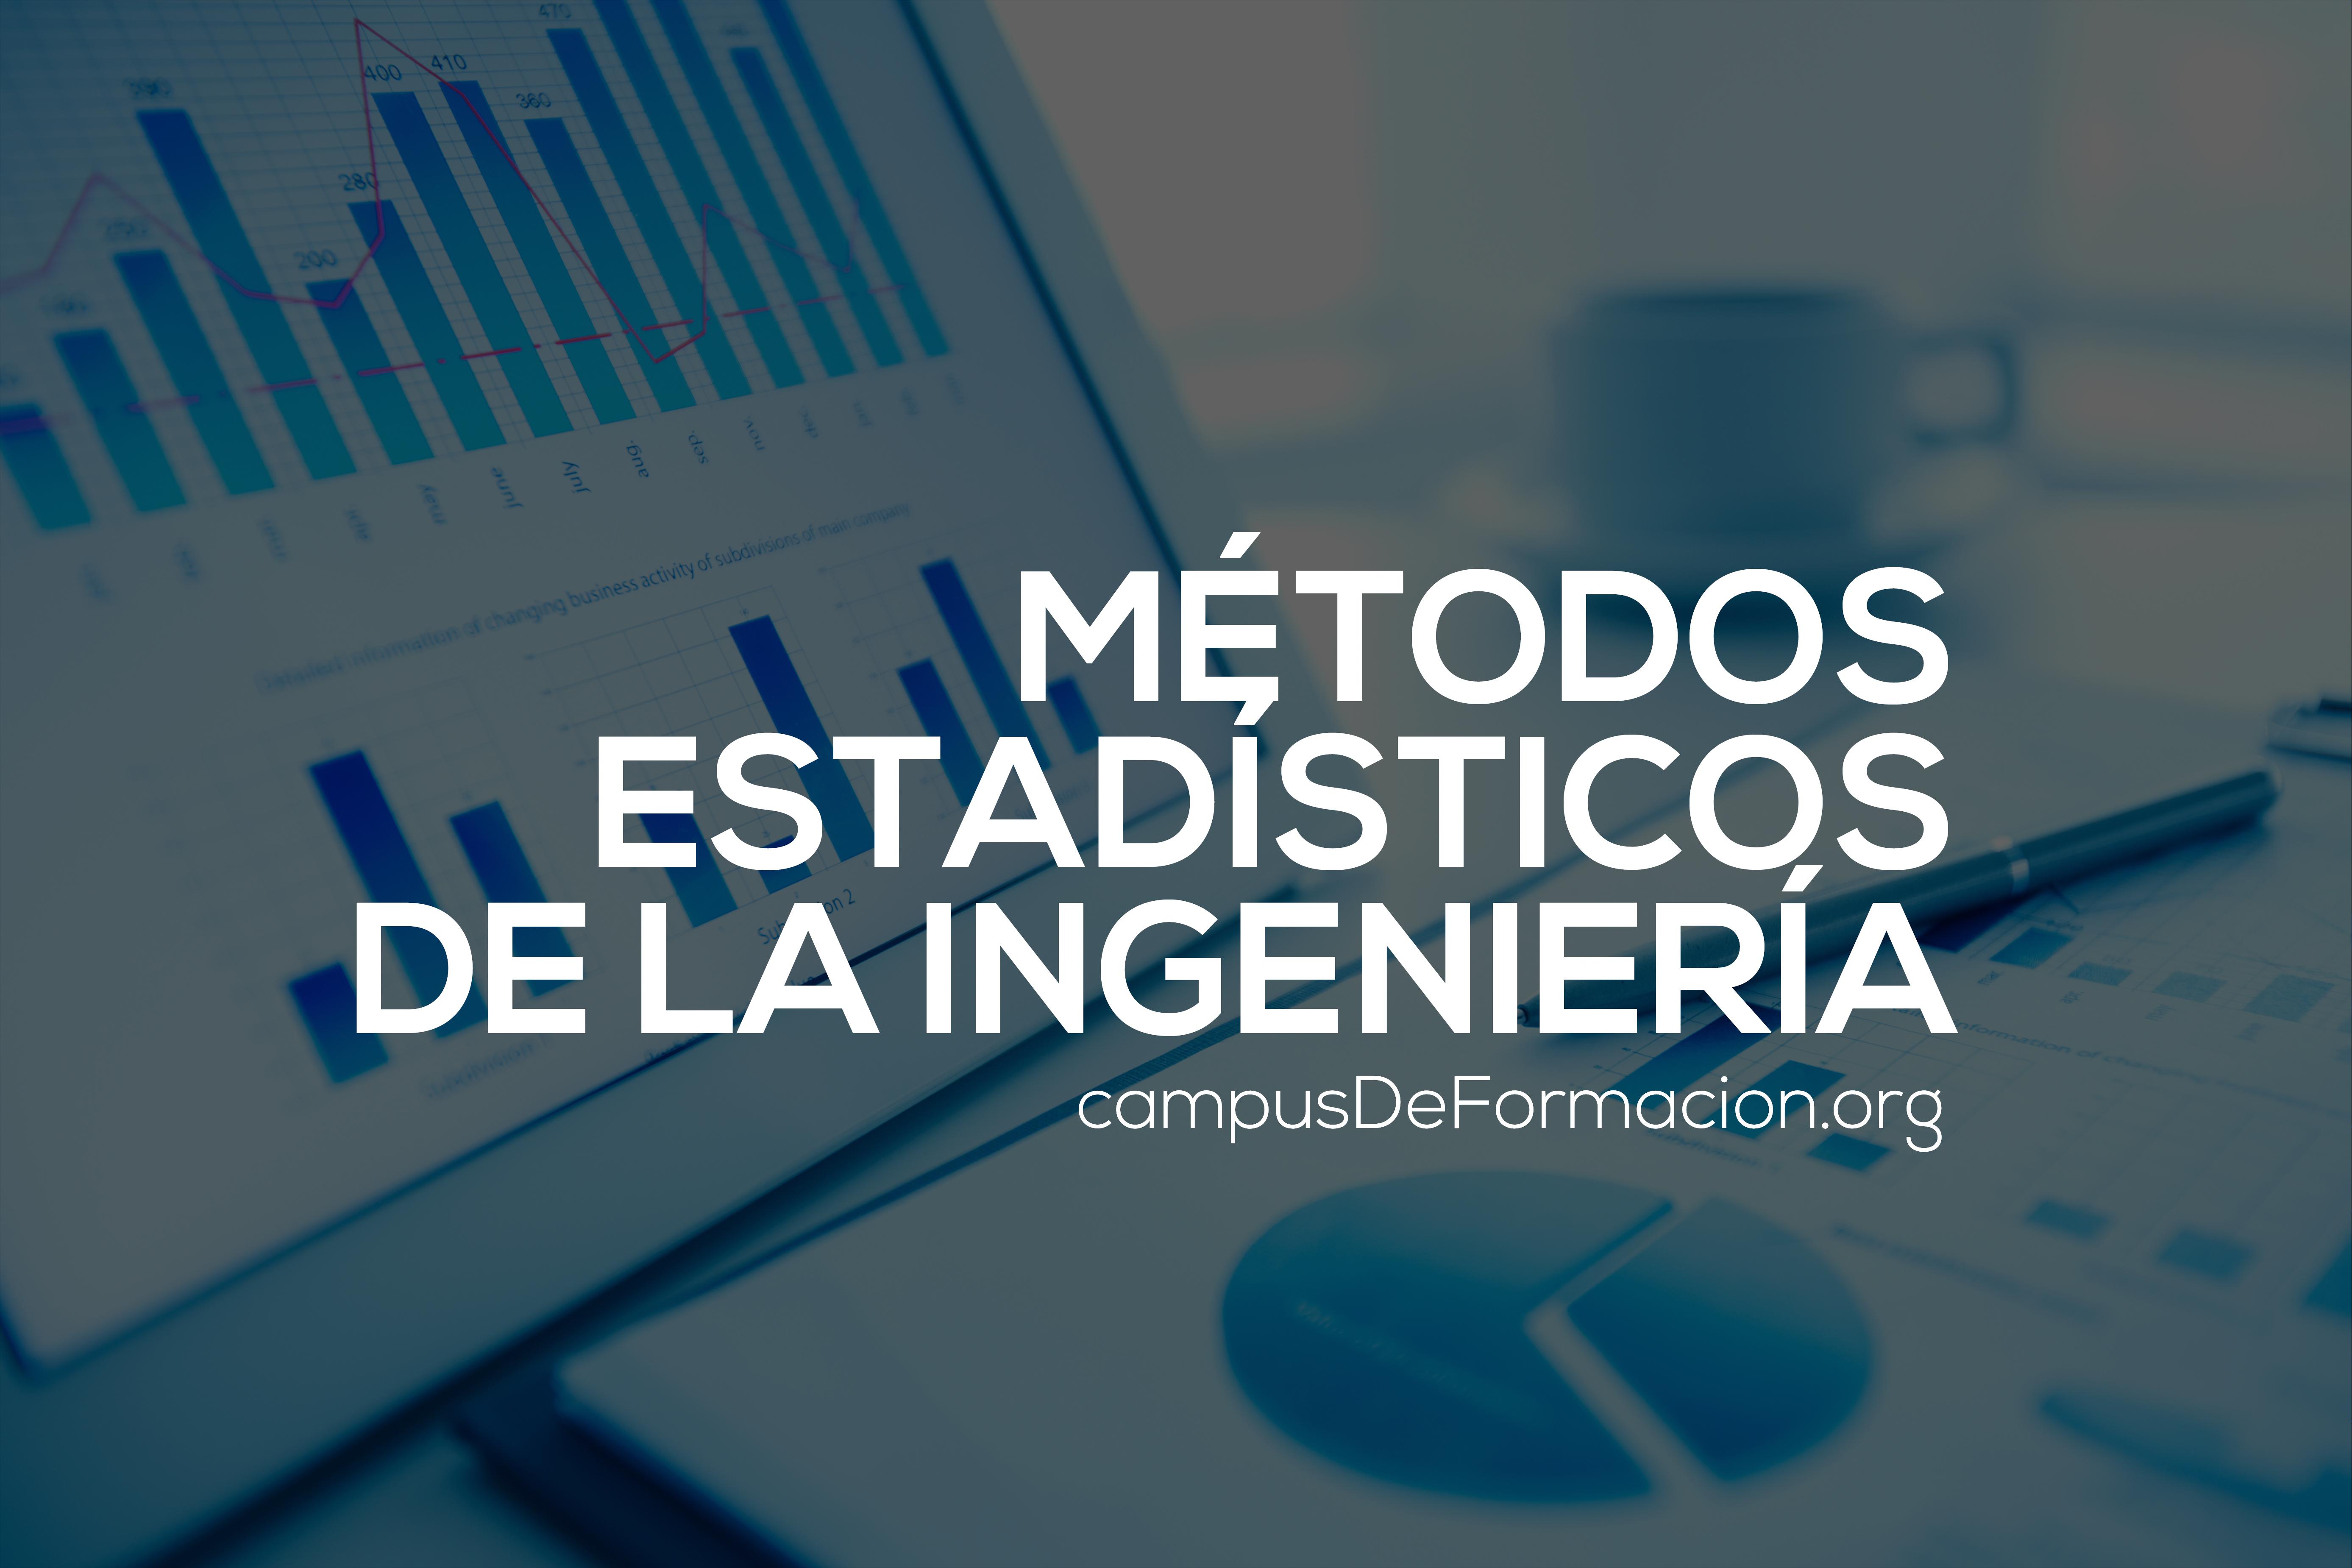 Métodos Estadísticos de la Ingeniería